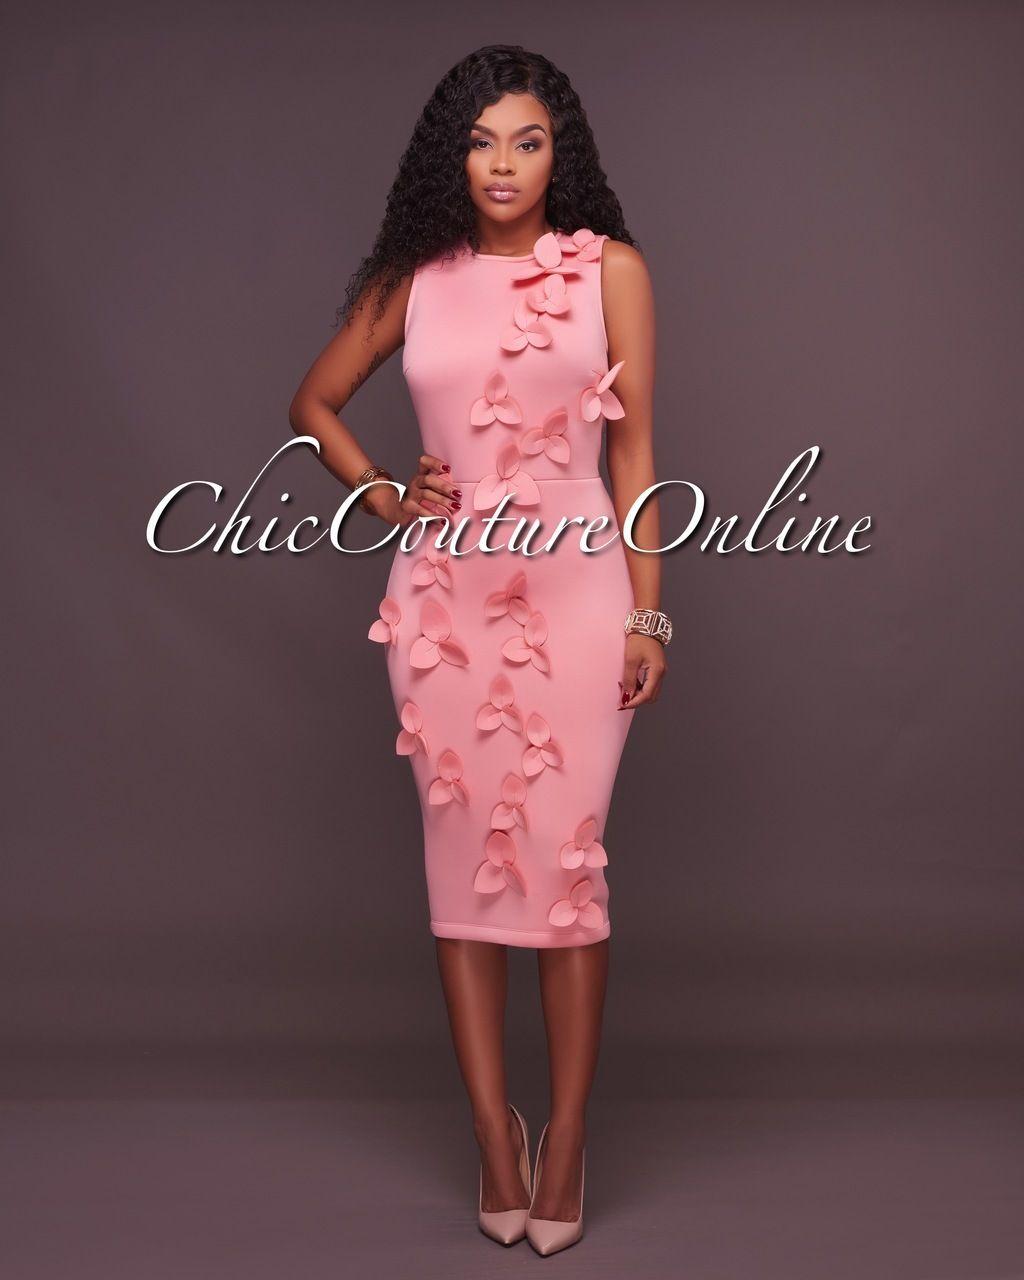 Pin de Chic Couture Online en Clothing ~ Chic Couture Online | Pinterest